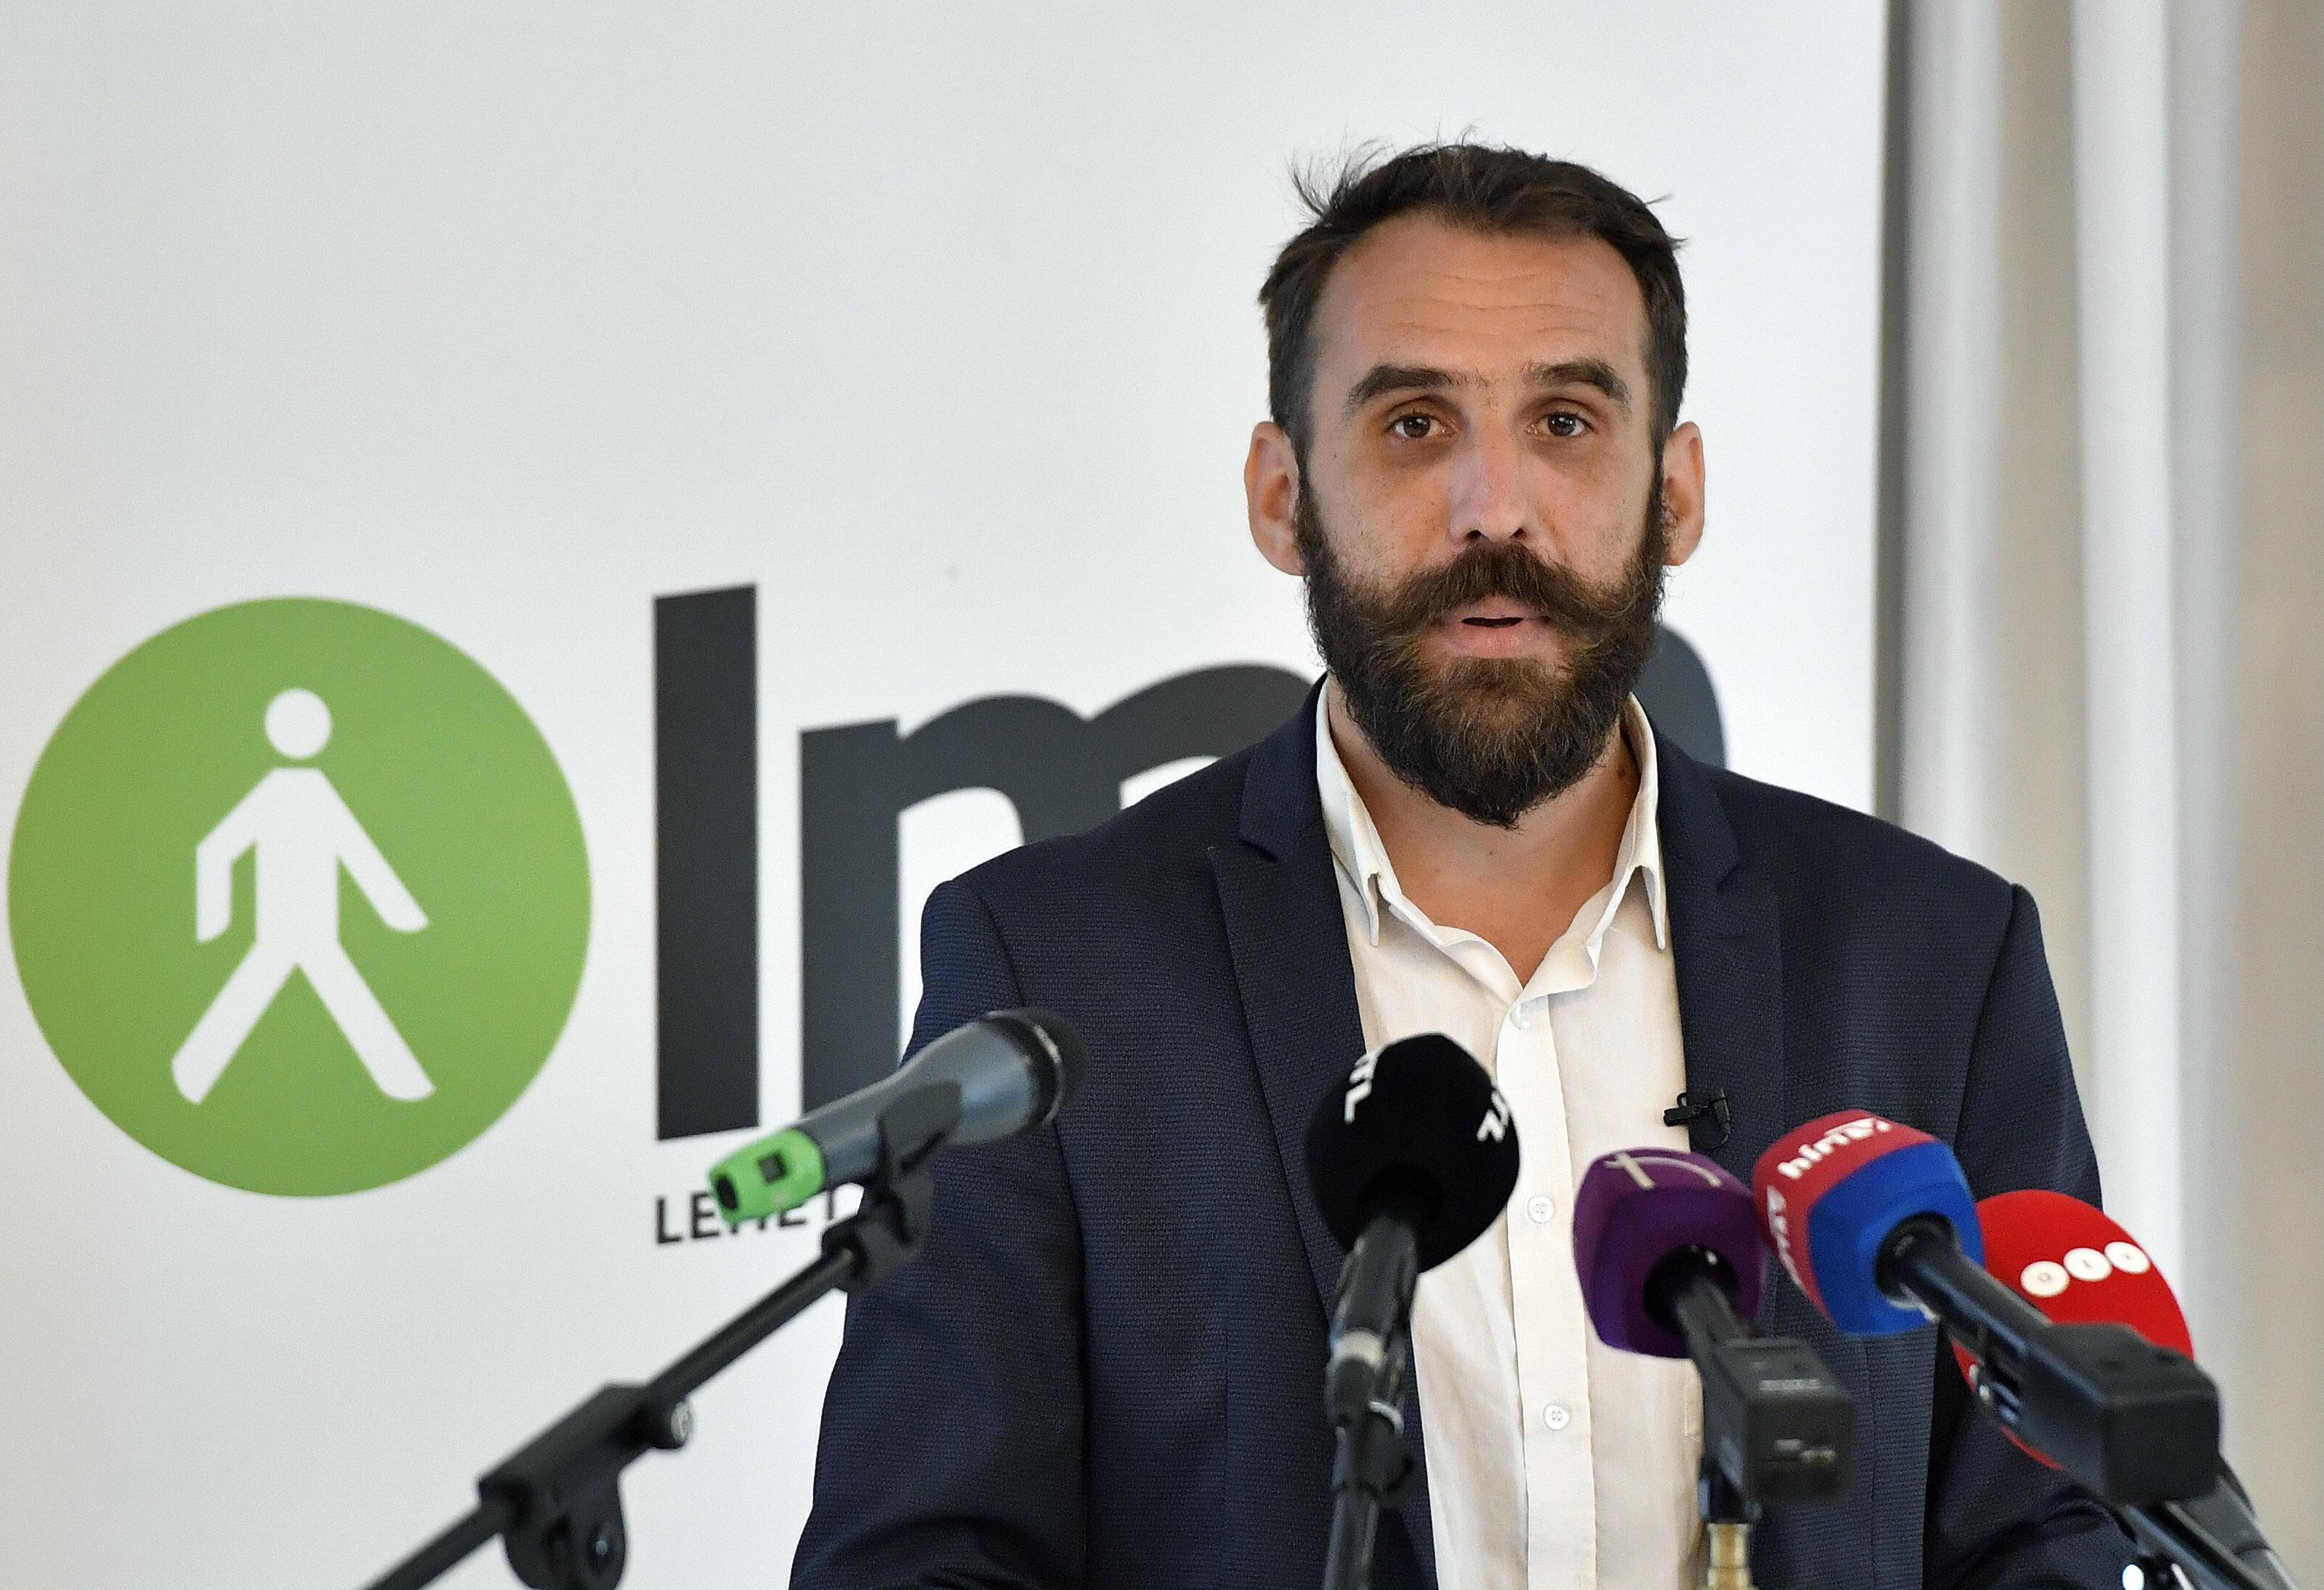 """LMP – Wahlprogramm: """"Europa wird entweder grün oder es wird nicht sein"""" post's picture"""